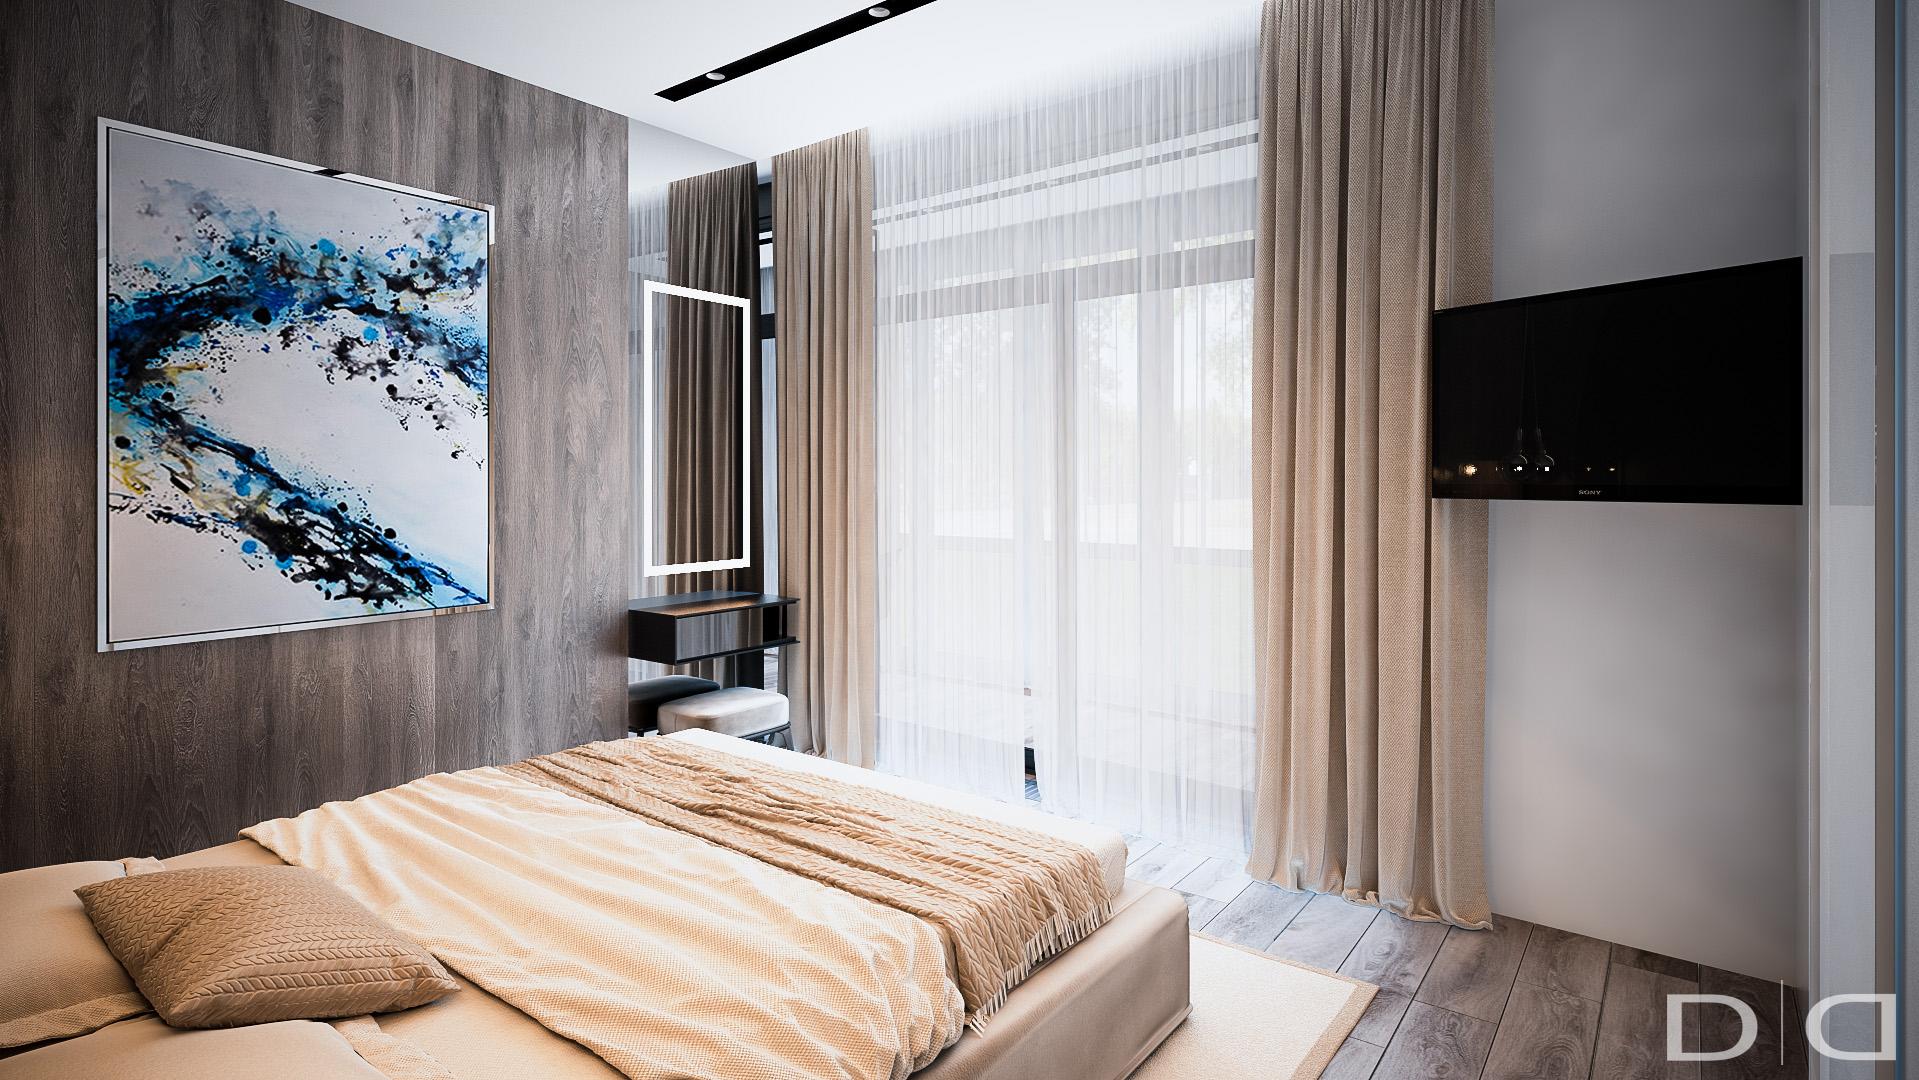 dd-interior_loft_studio_design_kvartir_minsk-0255-14